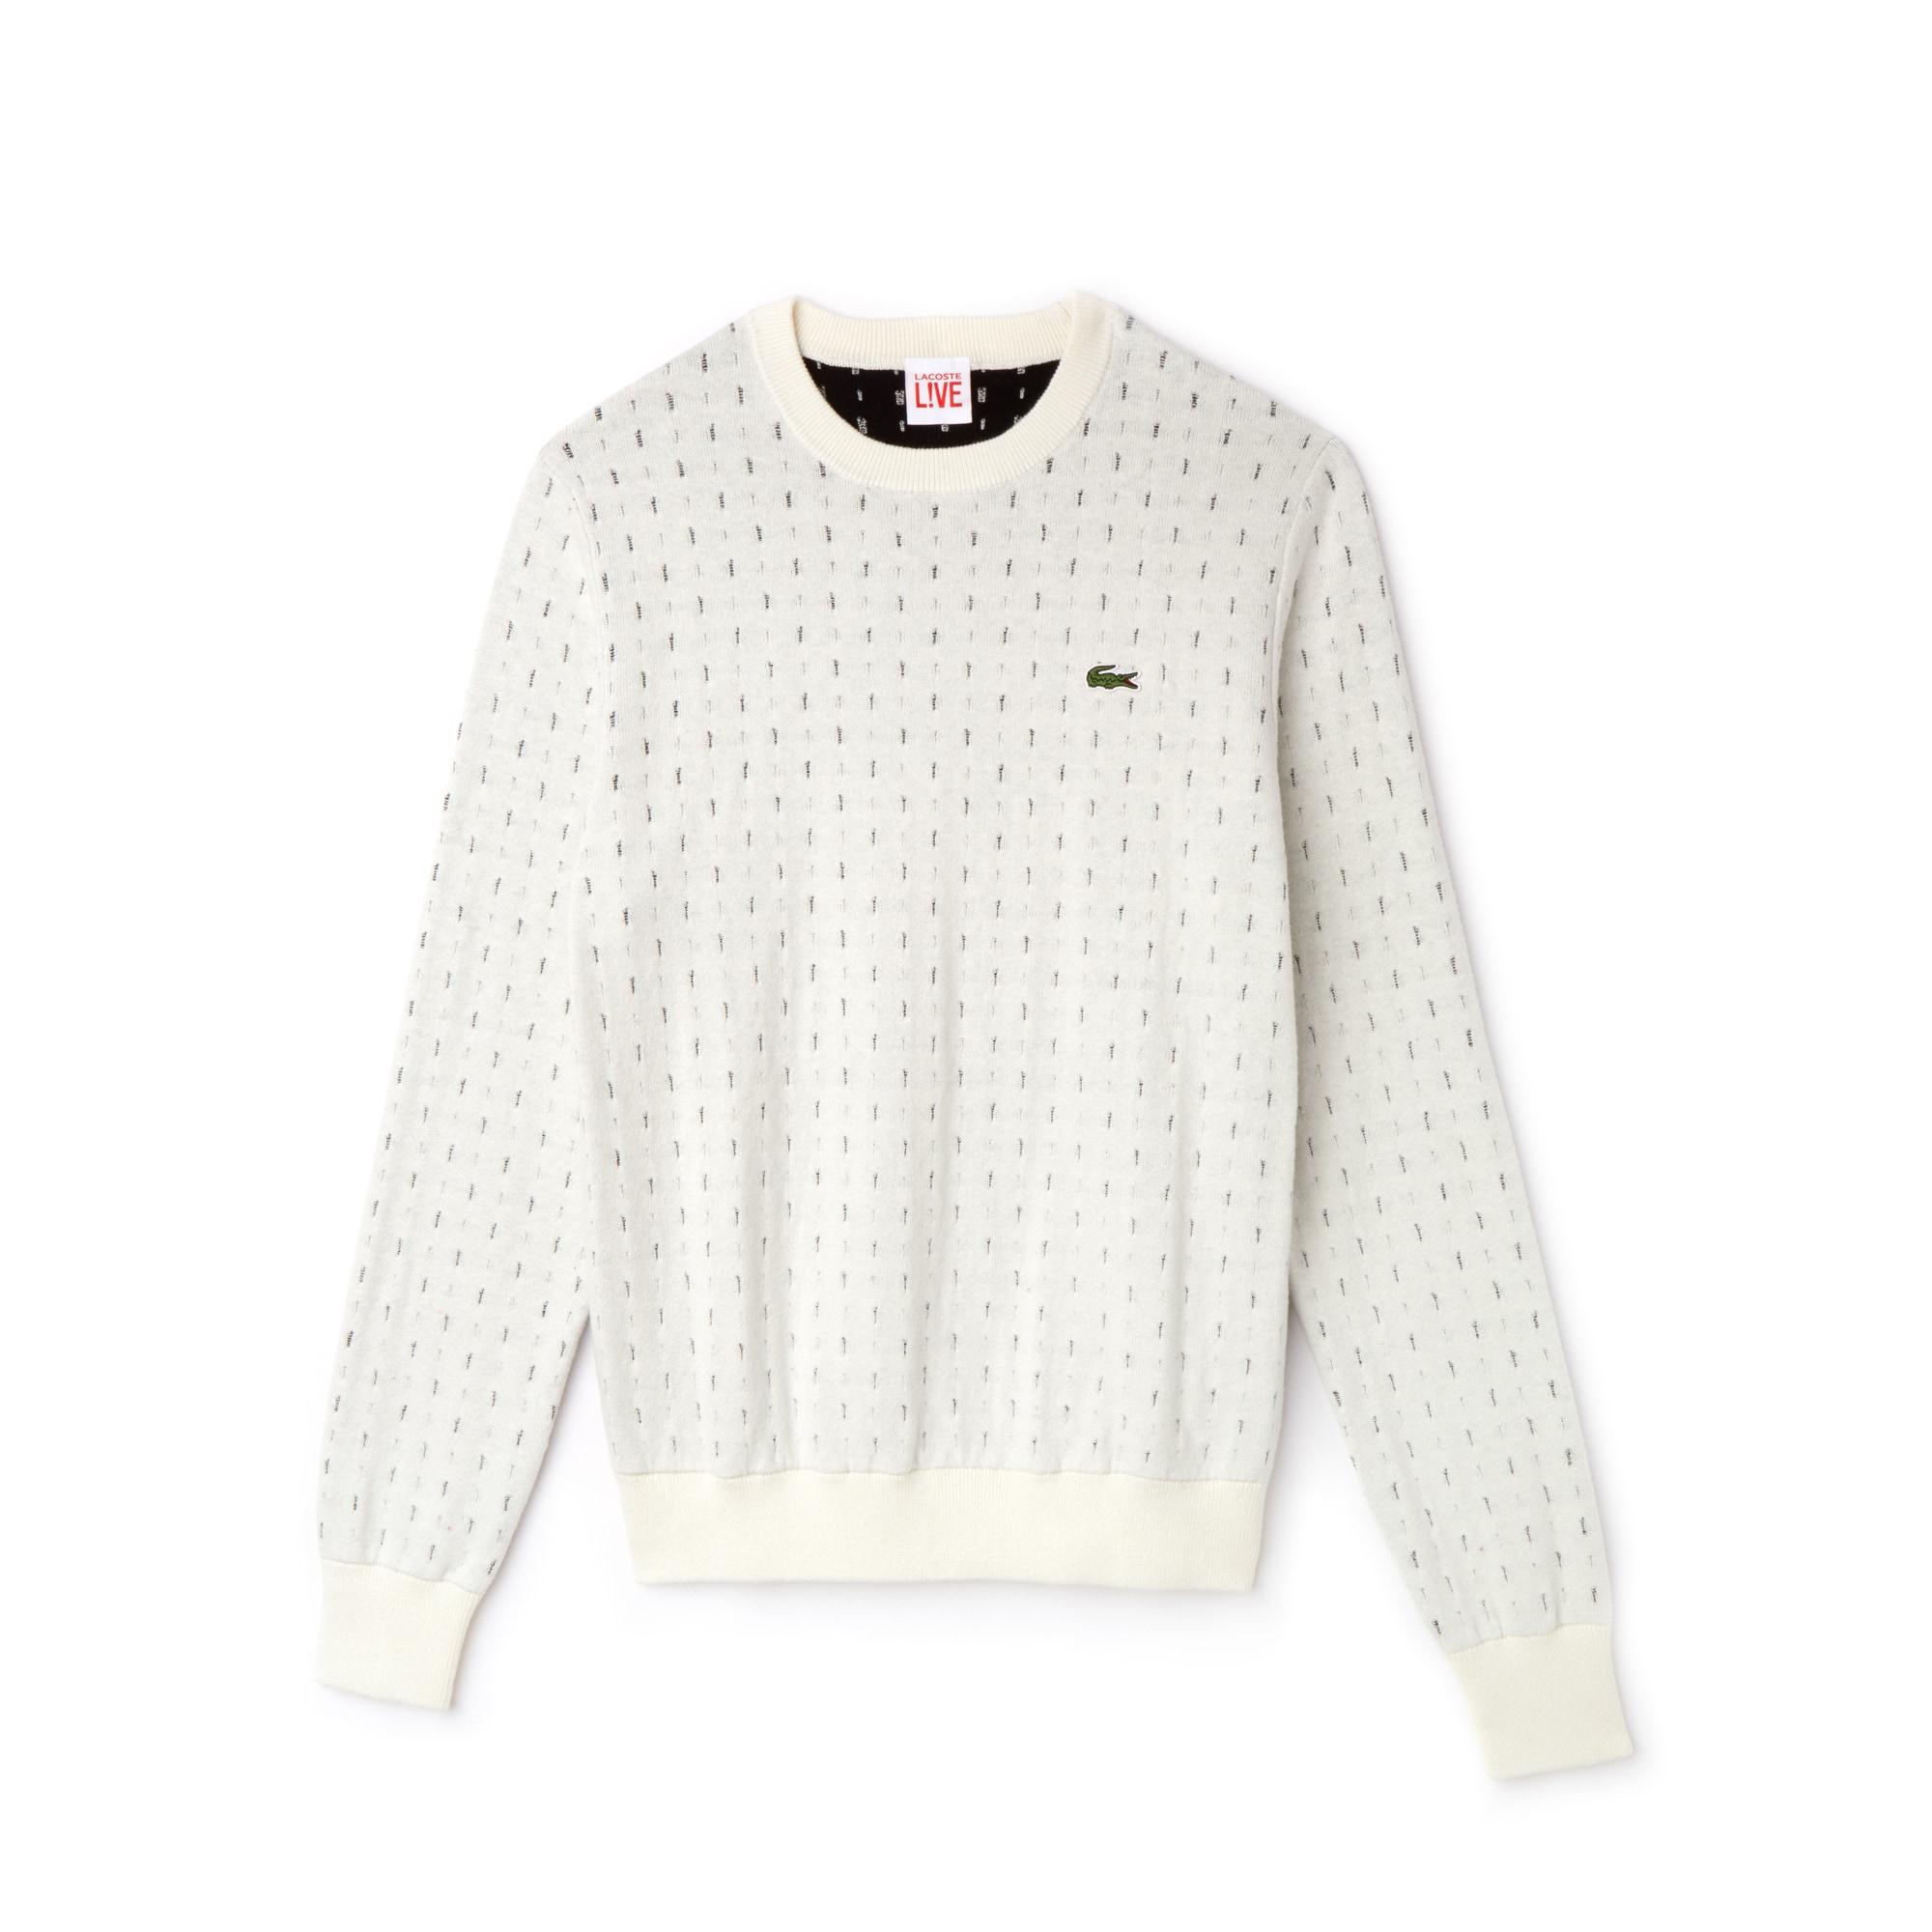 Camisola com decote redondo Lacoste LIVE em jacquard de algodão e caxemira com impressão